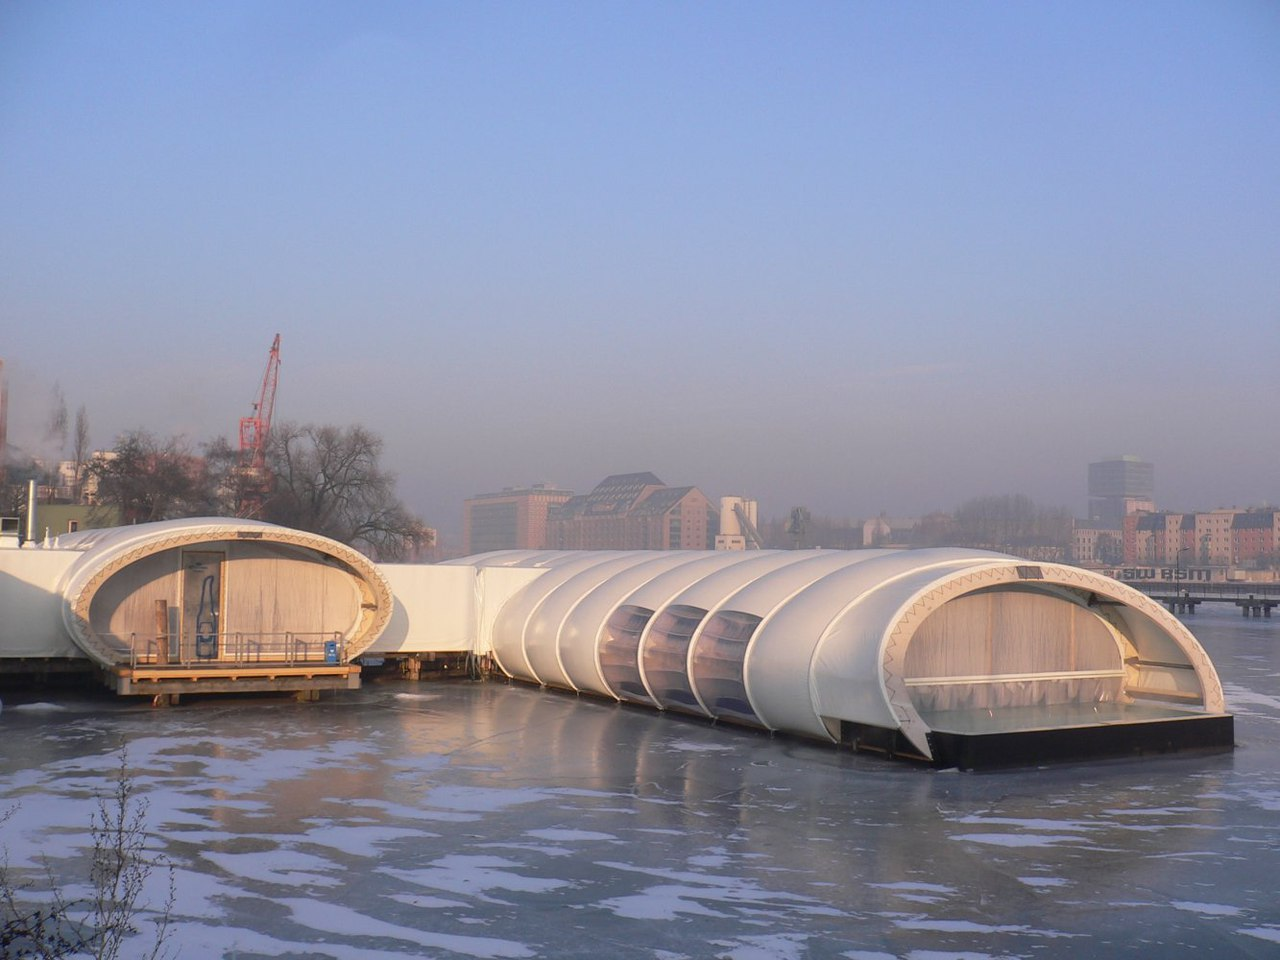 строительство бань и бассейнов в Краснодаре - СпаКраснодар